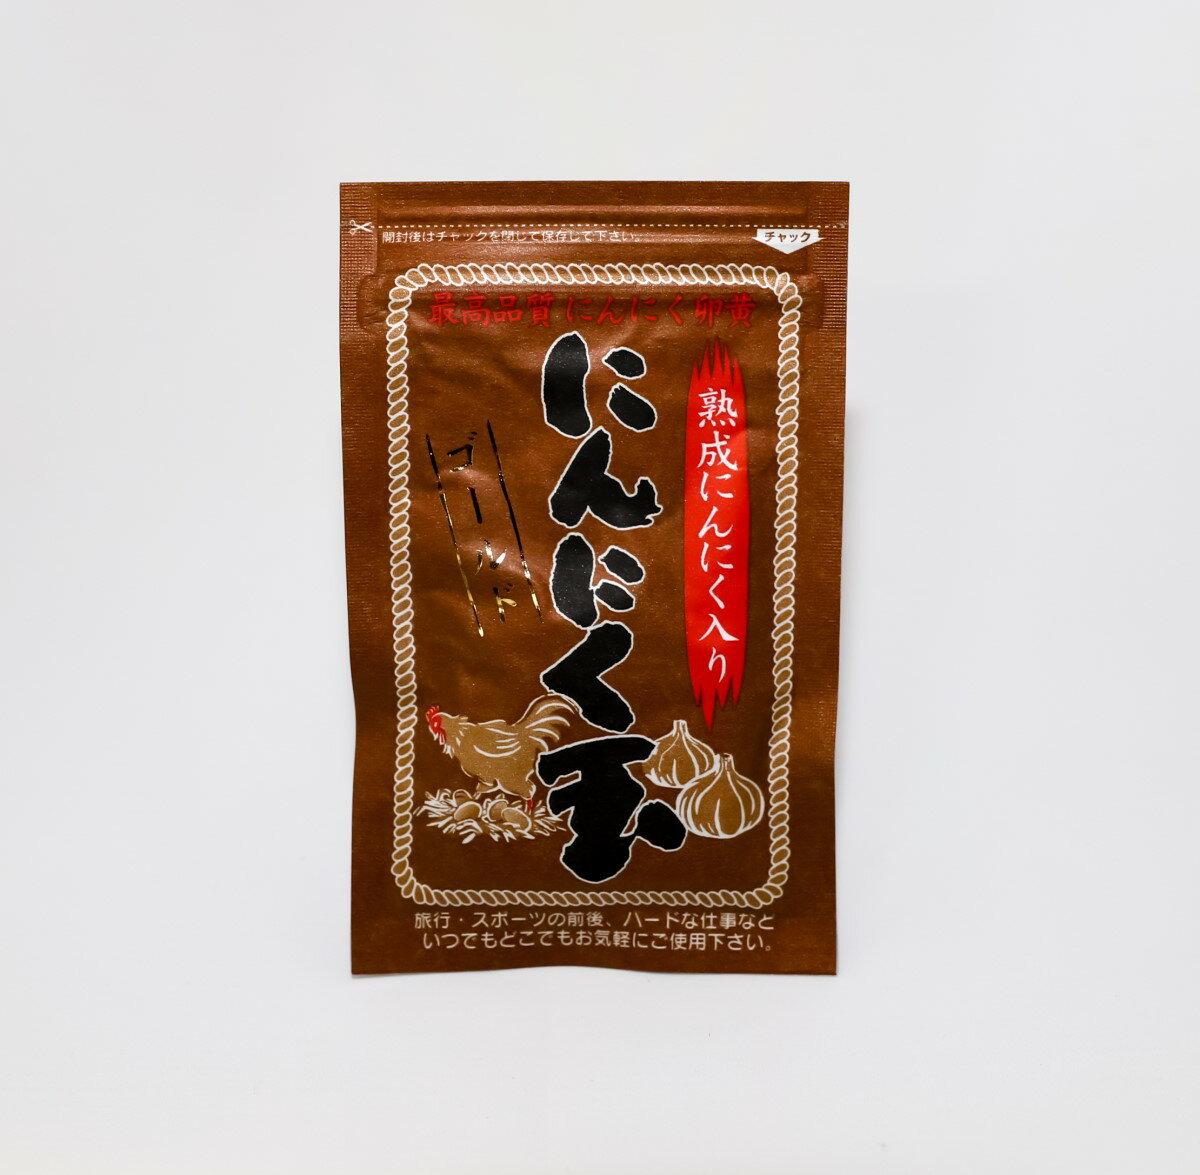 【送料無料】にんにく玉(にんにく卵黄)ゴールド60粒入 4袋セット 夏バテ スタミナ アリシン アホエン